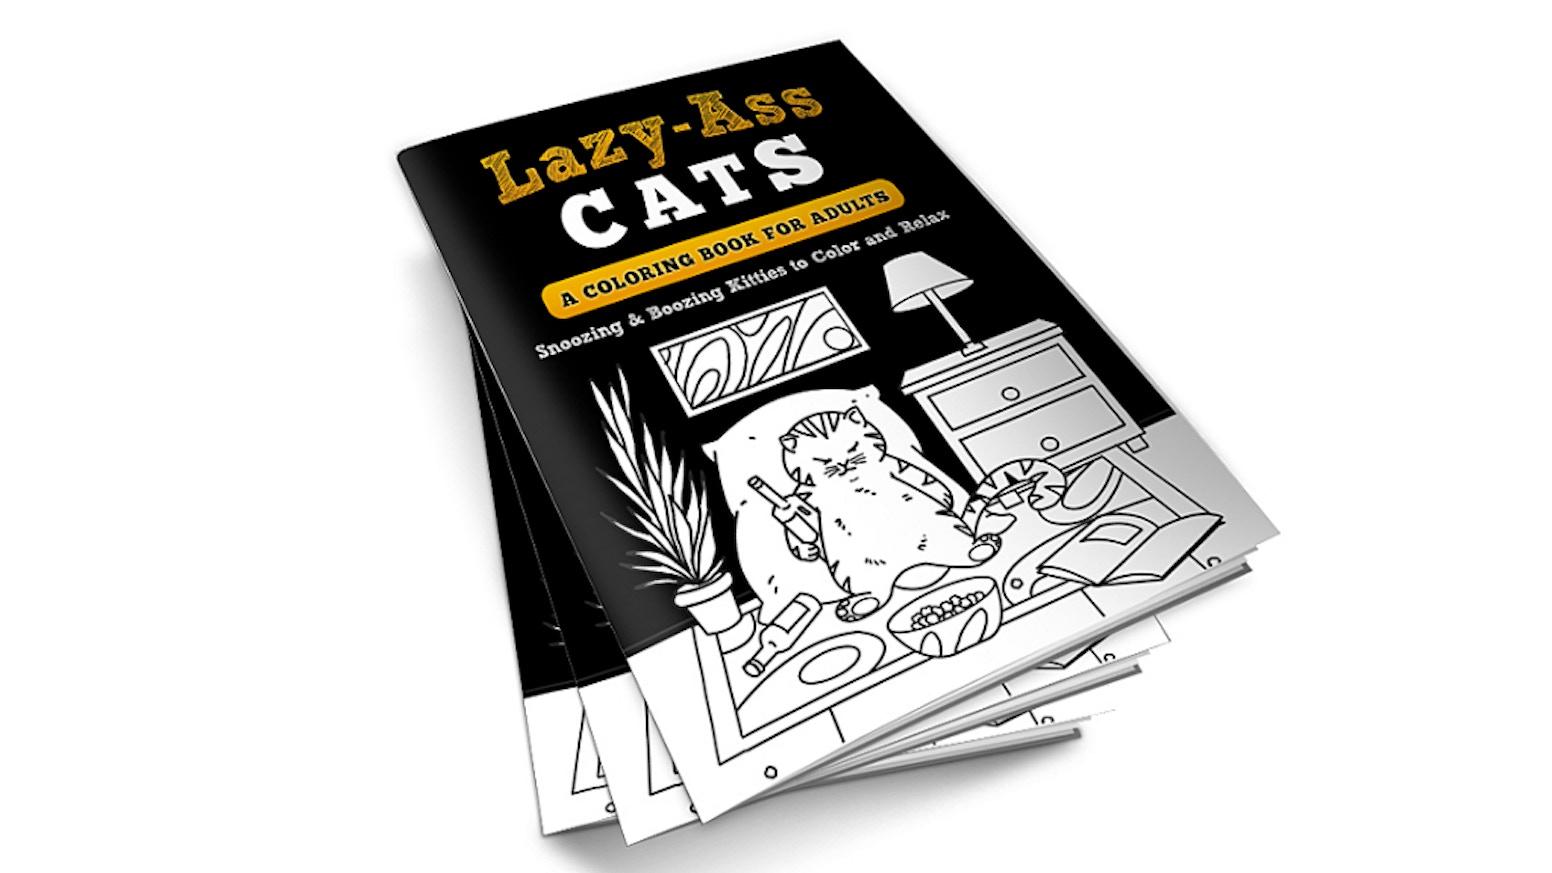 The coloring book project 2nd edition - Cda572b0d29d1eea89fdbf9411c8f022 Original